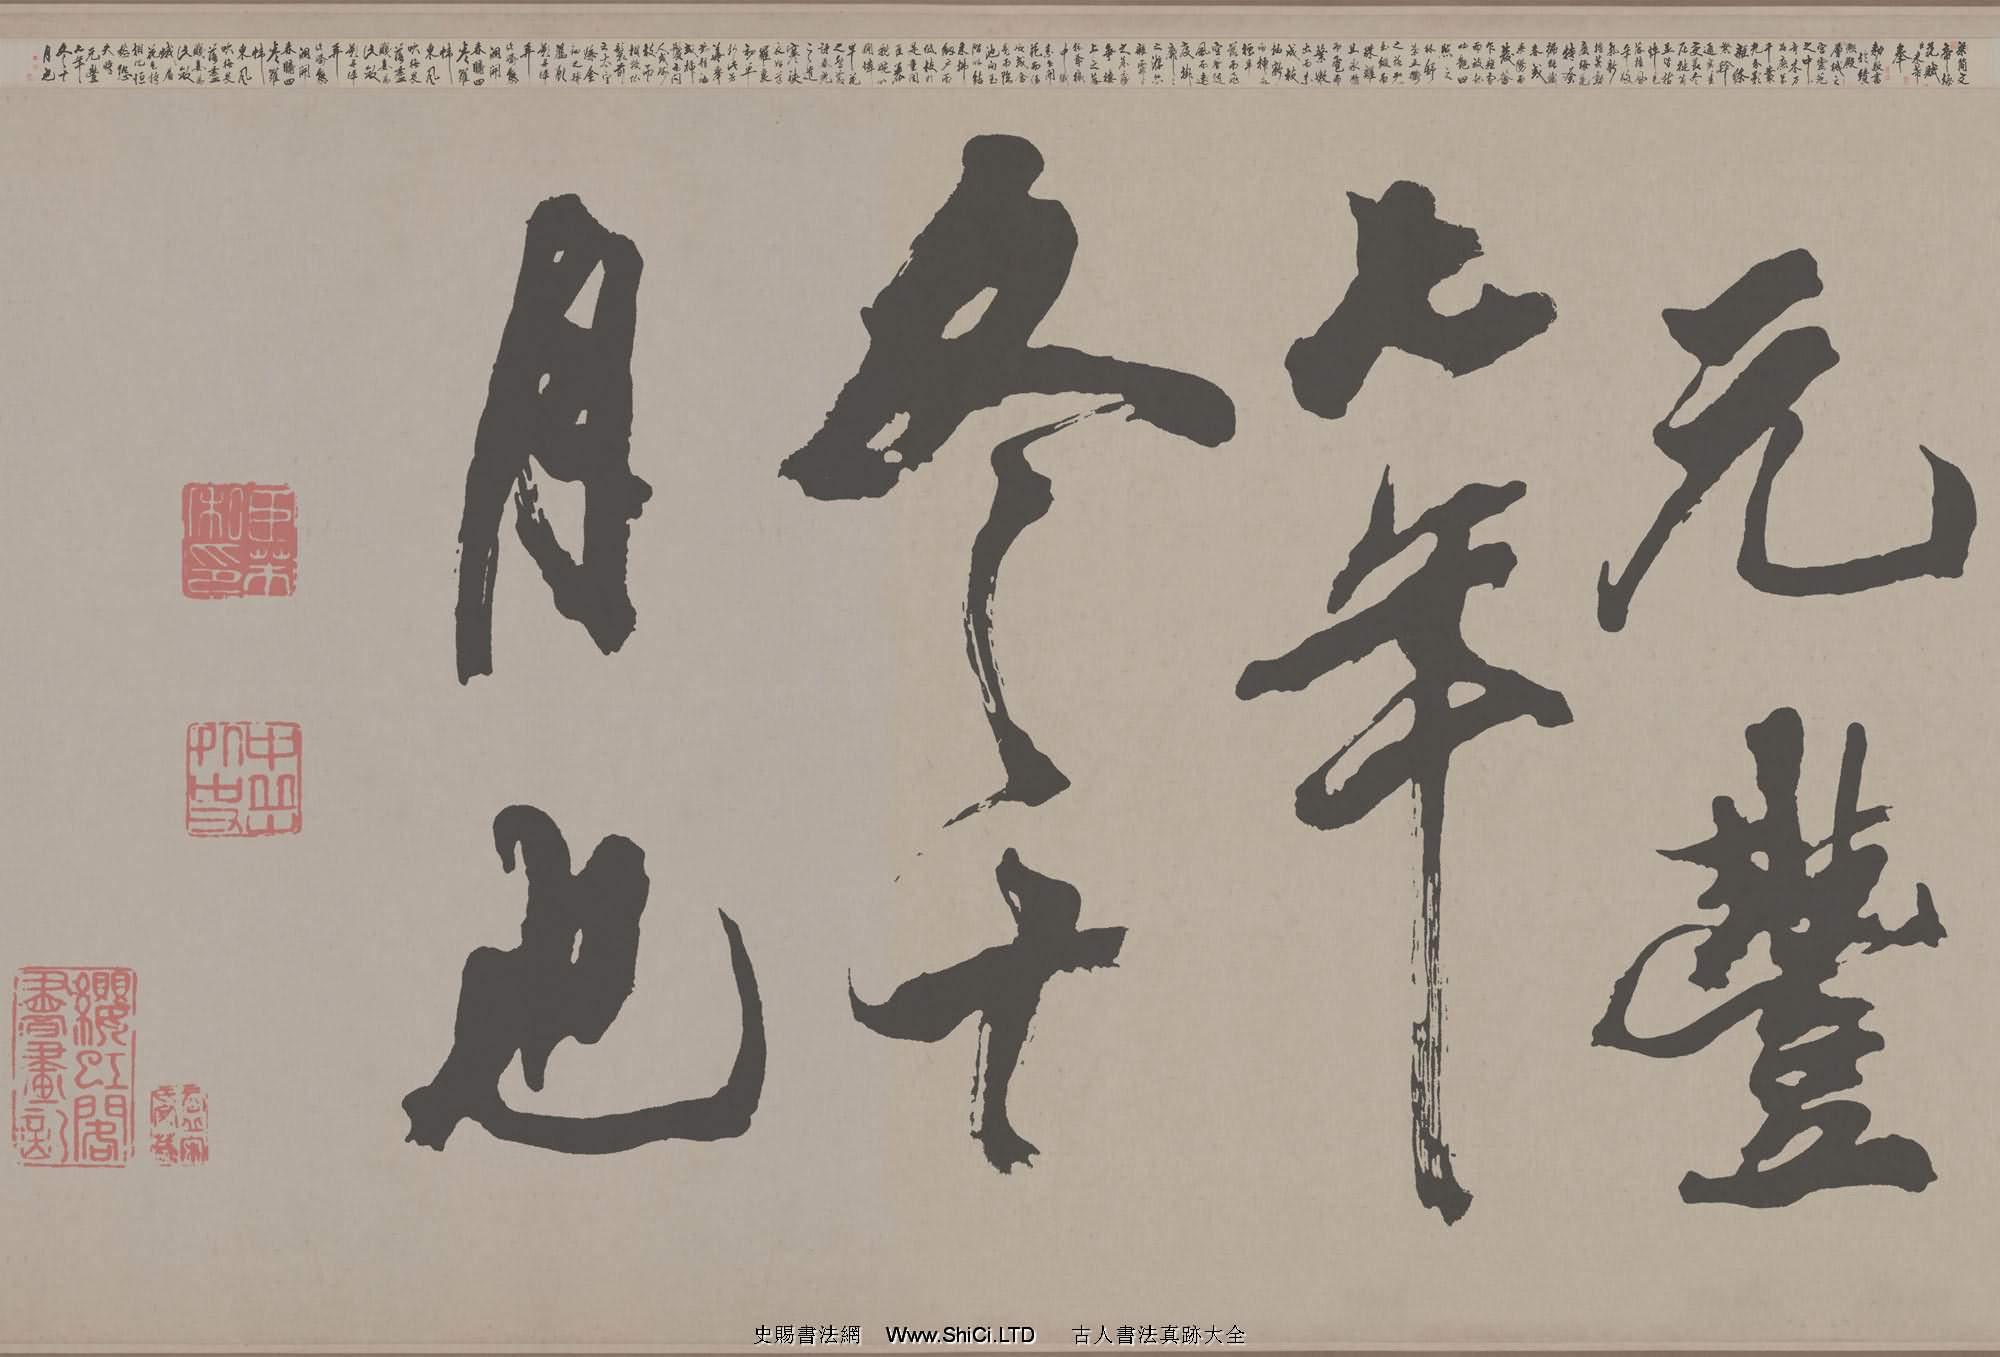 北宋米芾書法梁簡文帝梅花賦高清本(共14張圖片)